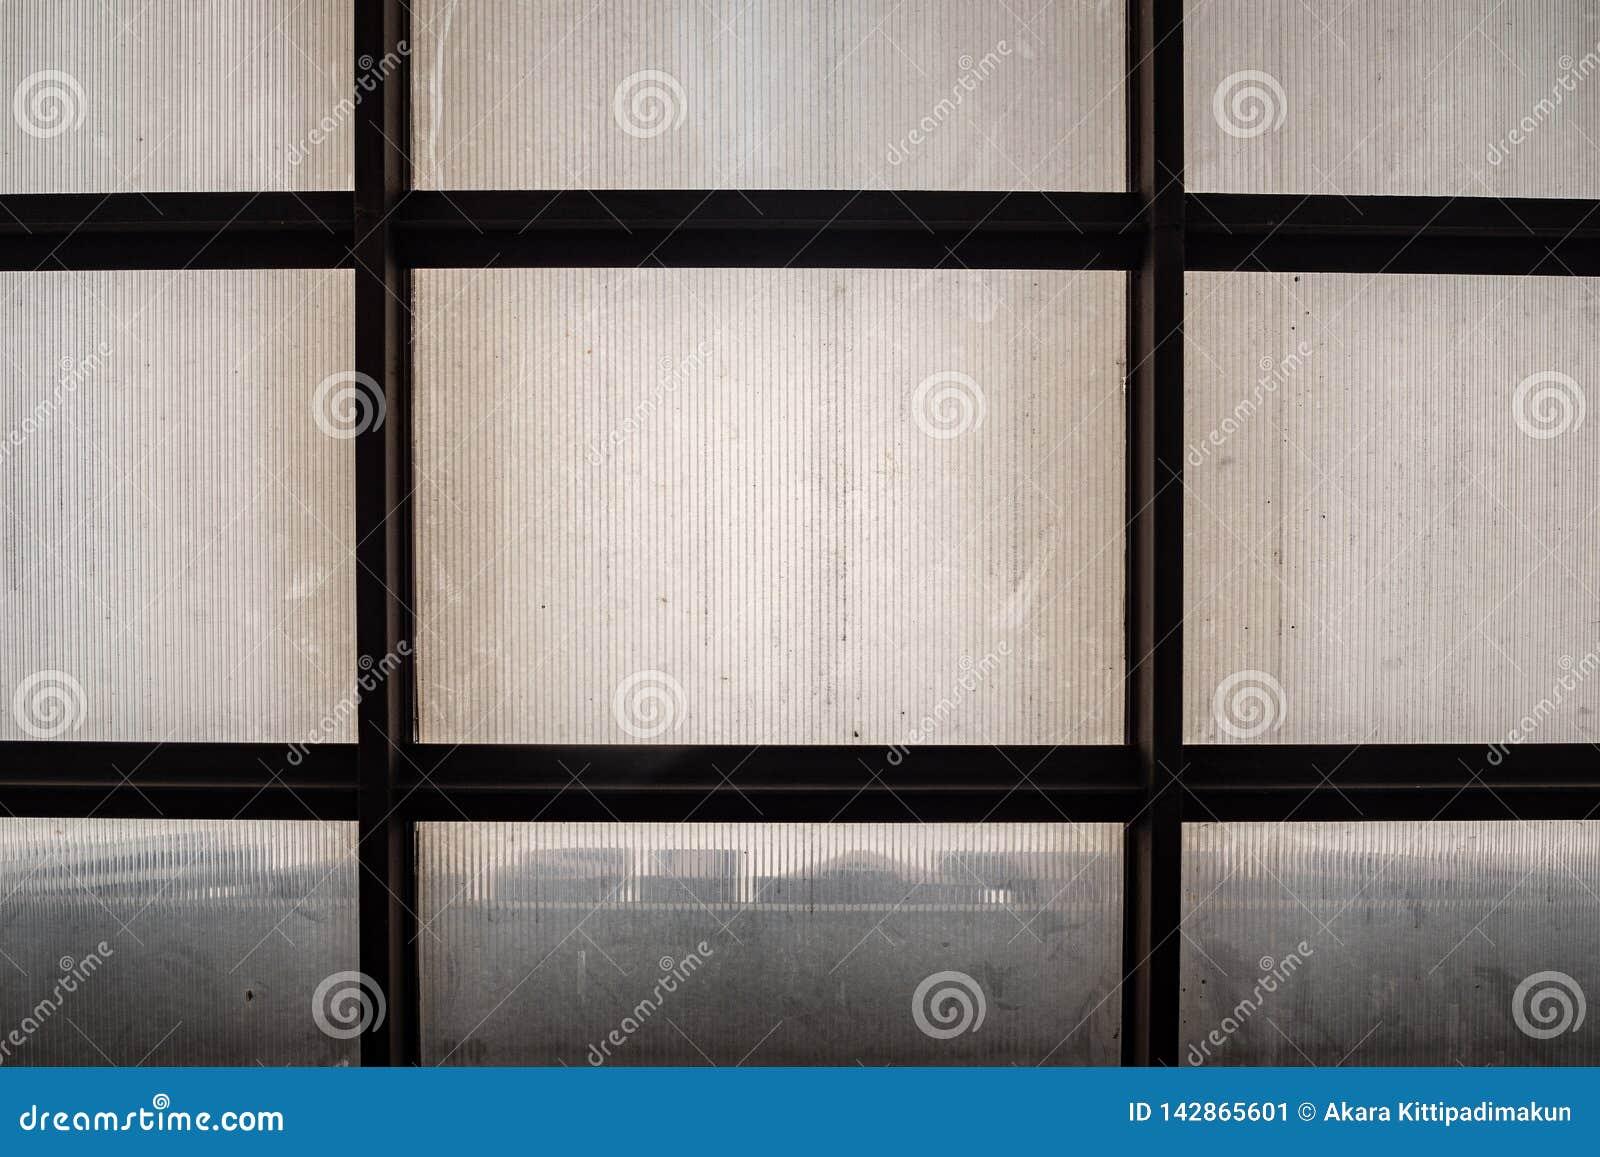 Image abstraite de vue inférieure de toit translucide